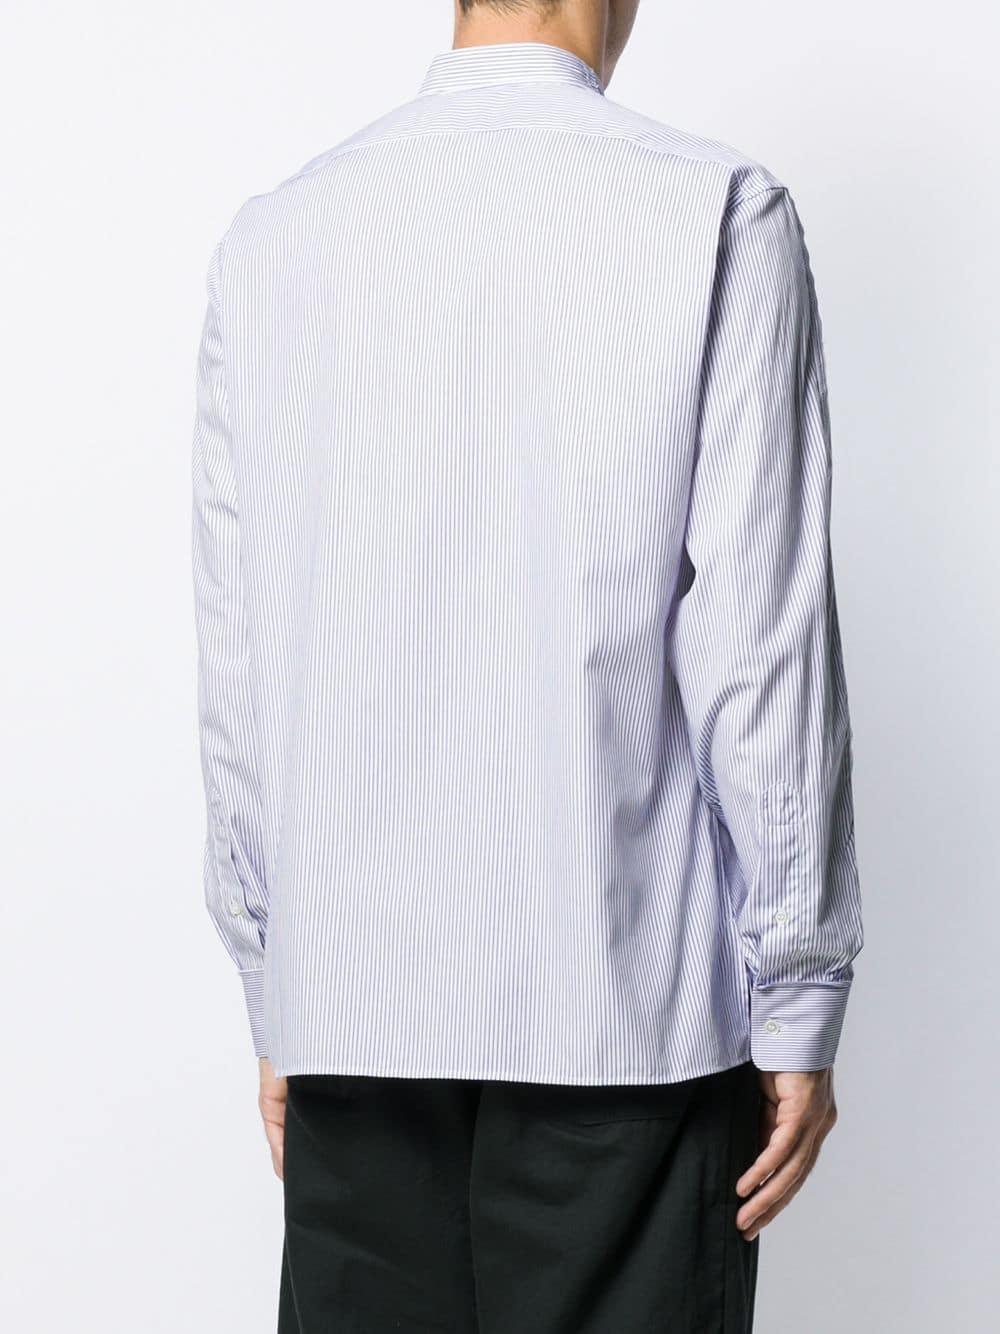 Golden Goose Deluxe Brand Ganzendons Gestreept Overhemd in het Blauw voor heren